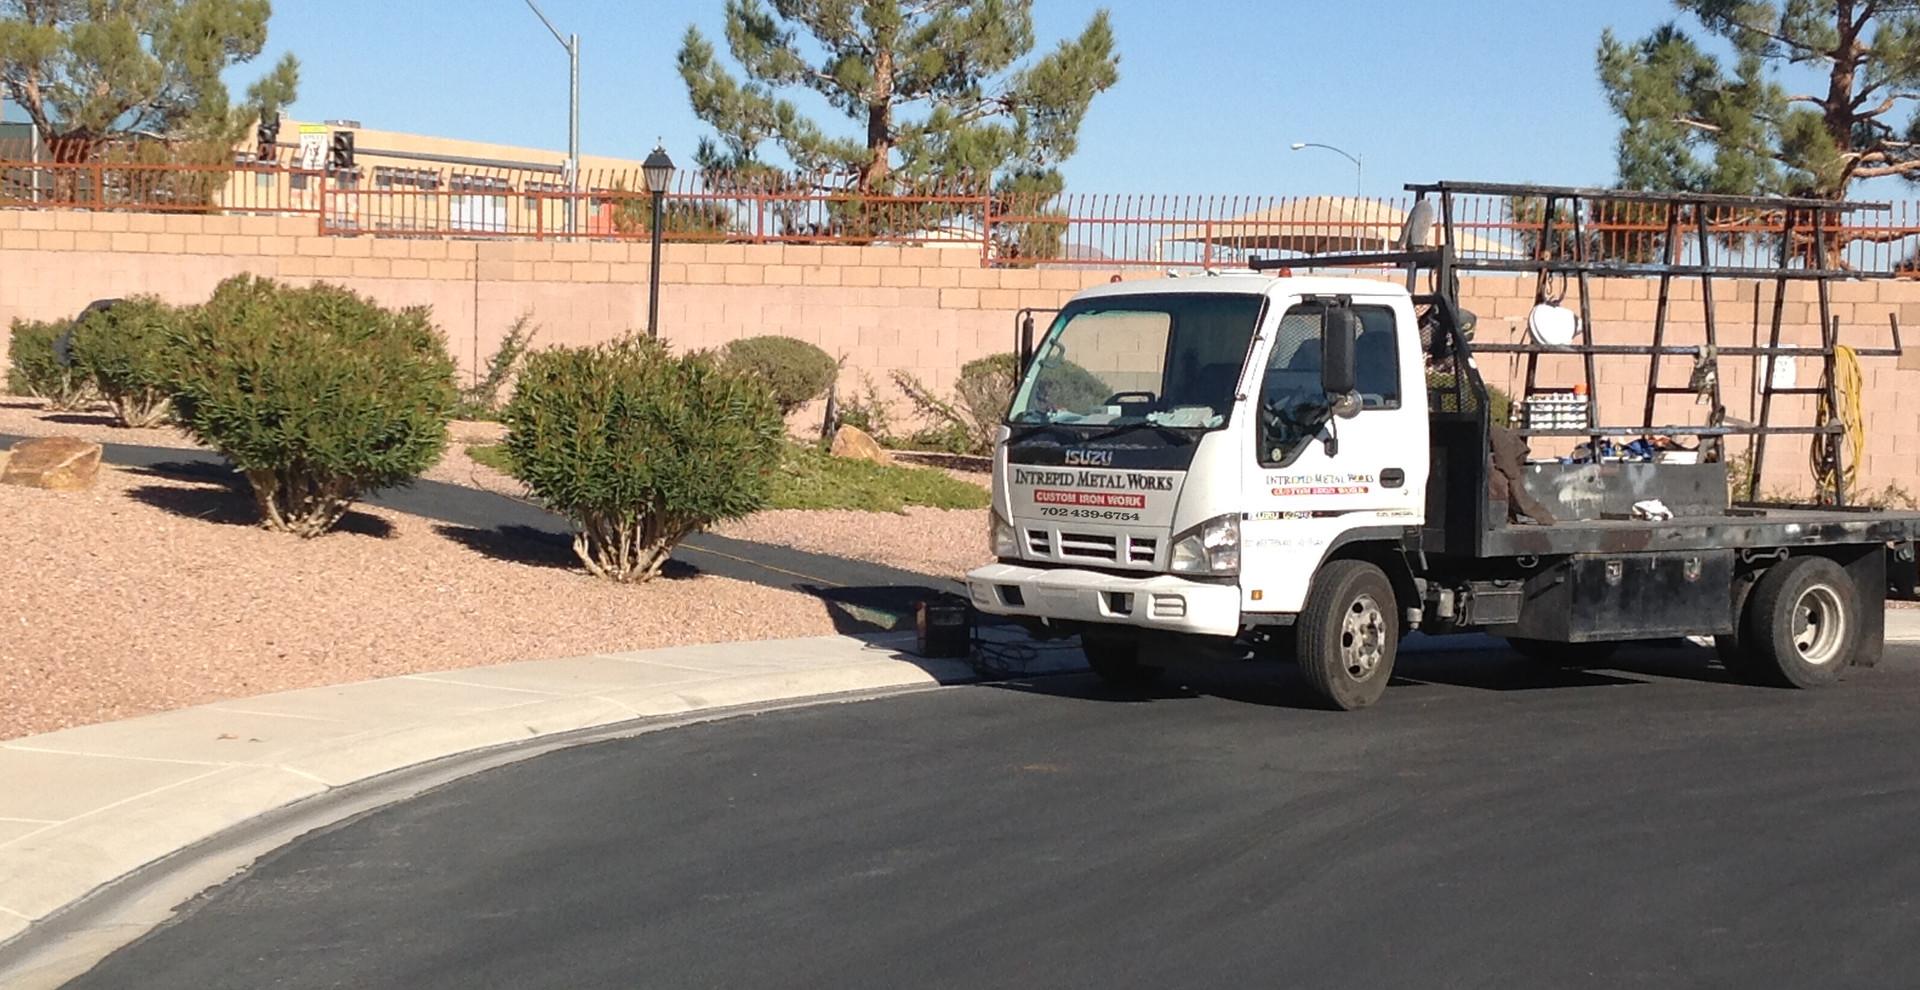 Residential Security Fencing Las Vegas - Intrepid Metal Works Inc.